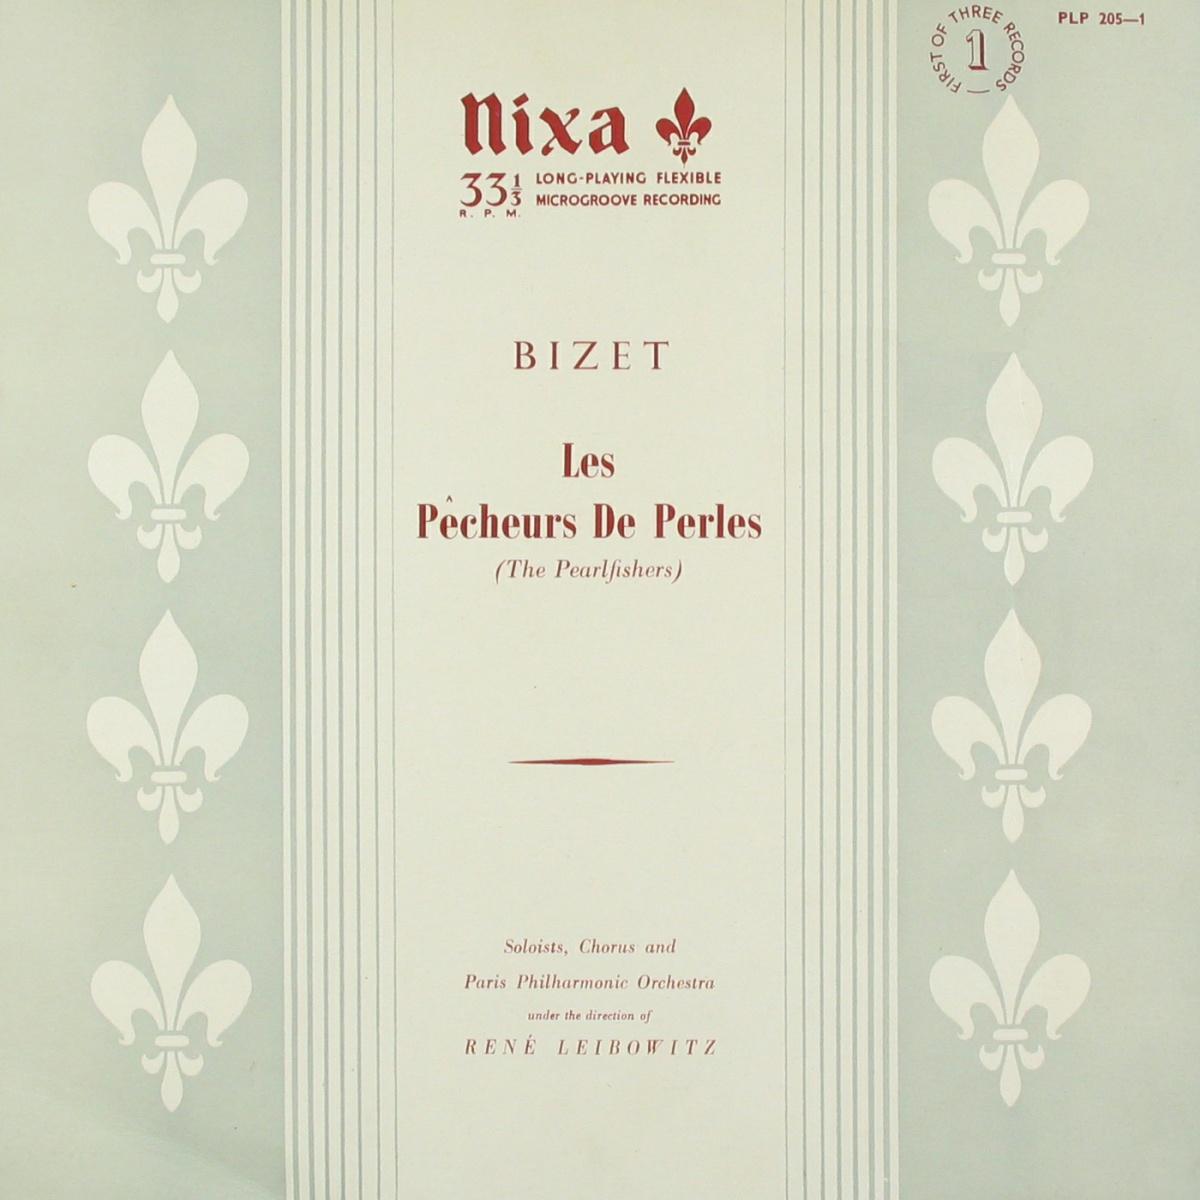 Recto de la pochette de l'album Nixa PLP 205, Cliquer sur la photo pour une vue agrandie et quelques infos